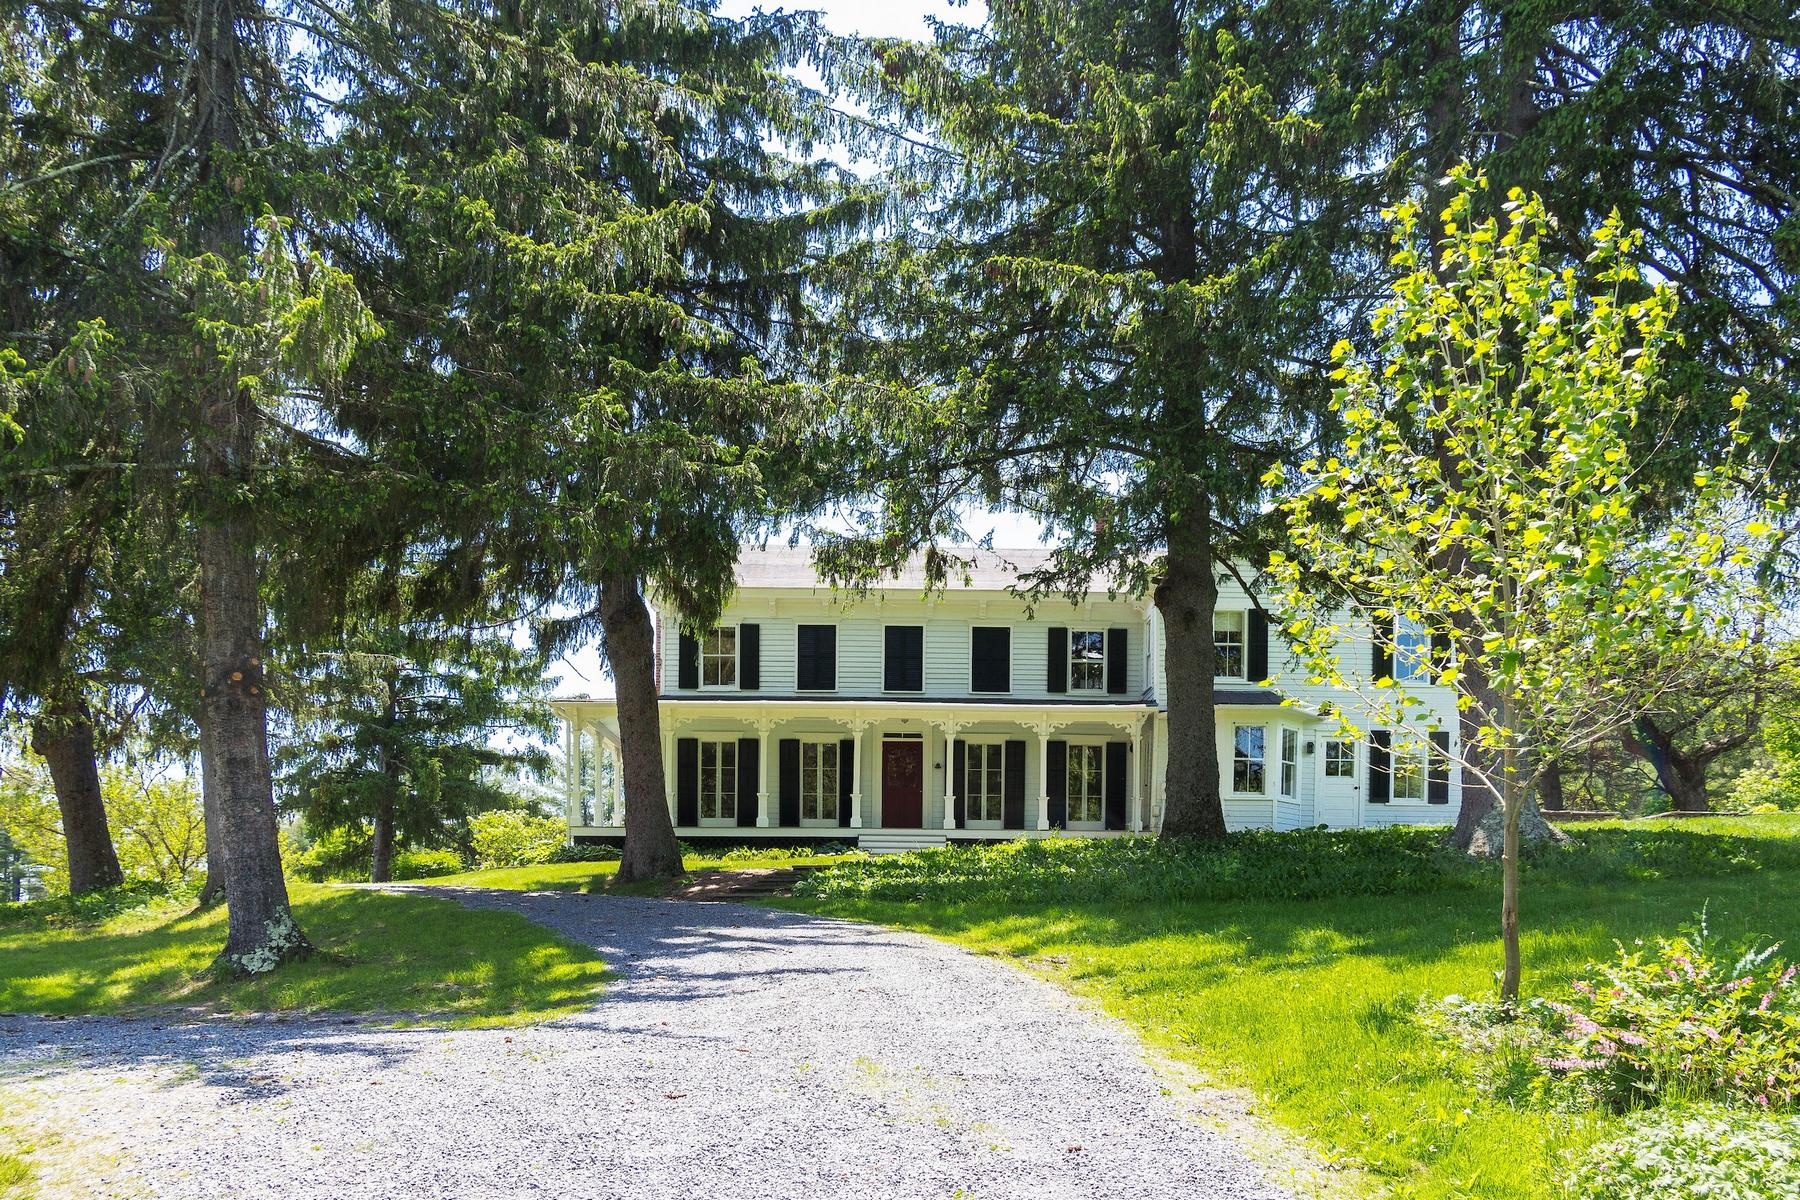 Maison unifamiliale pour l Vente à 652 Cauterskill Rd, Catskill, NY 12414 652 Cauterskill Rd Catskill, New York 12414 États-Unis